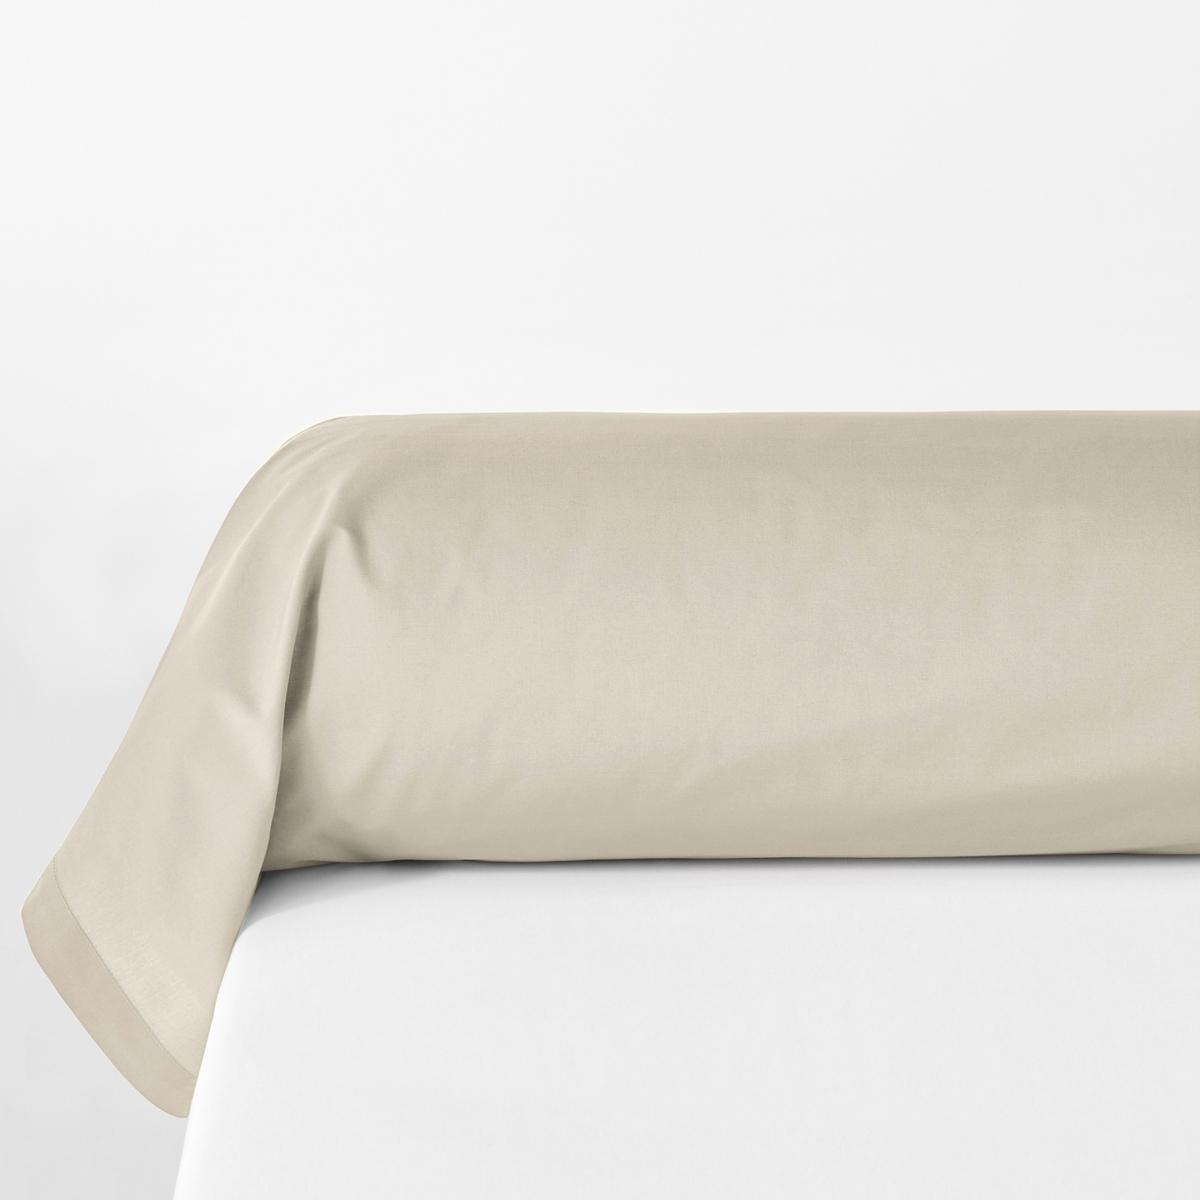 Наволочка La Redoute На подушку-валик из биохлопковой перкали 85 x 185 см бежевый